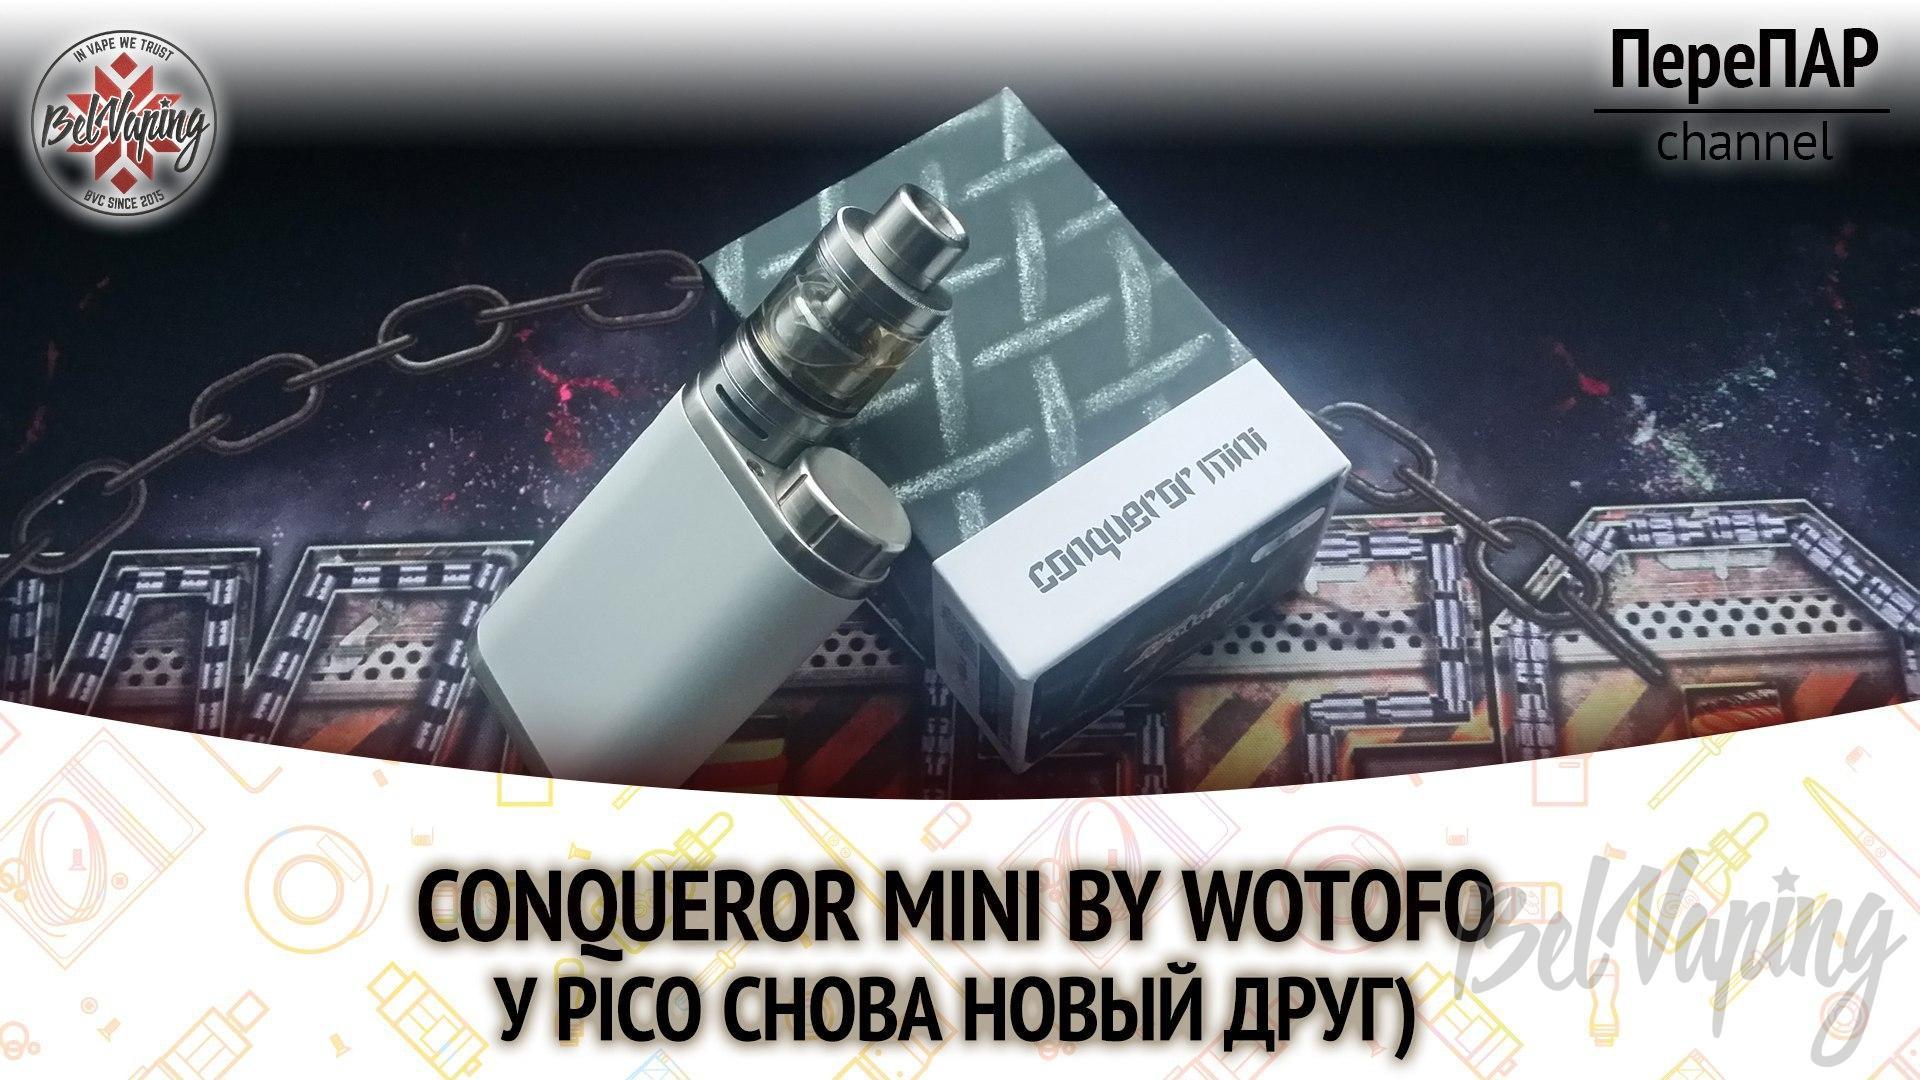 Видеообзор Wotofo Conqueror Mini RTA